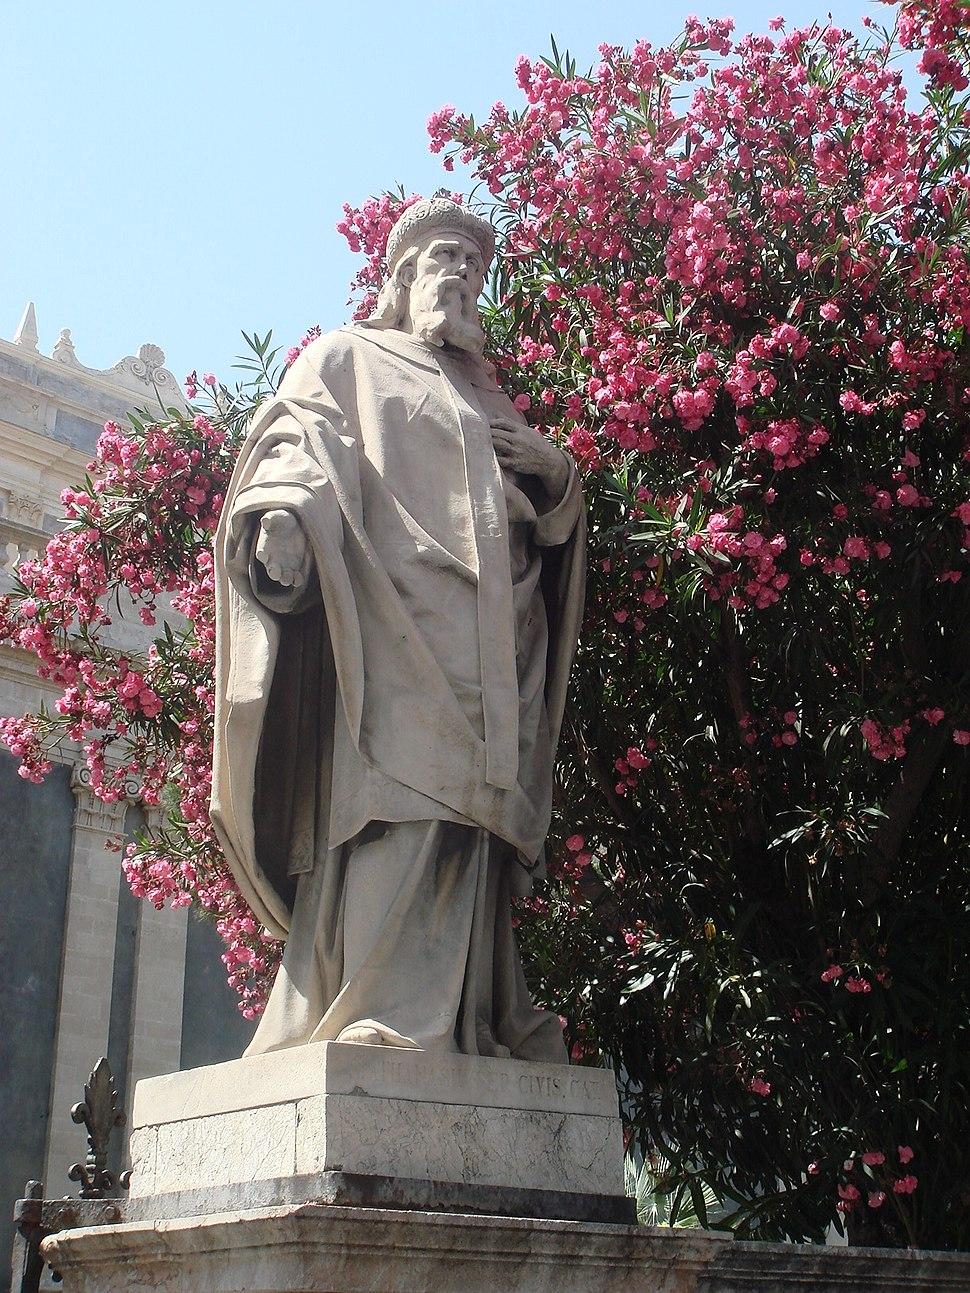 2896 - Catania - Cattedrale - G. Nicoli - S. Atanasio, nella ''Floretta'' (giardino) - Foto Giovanni Dall'Orto, 4-July-2008